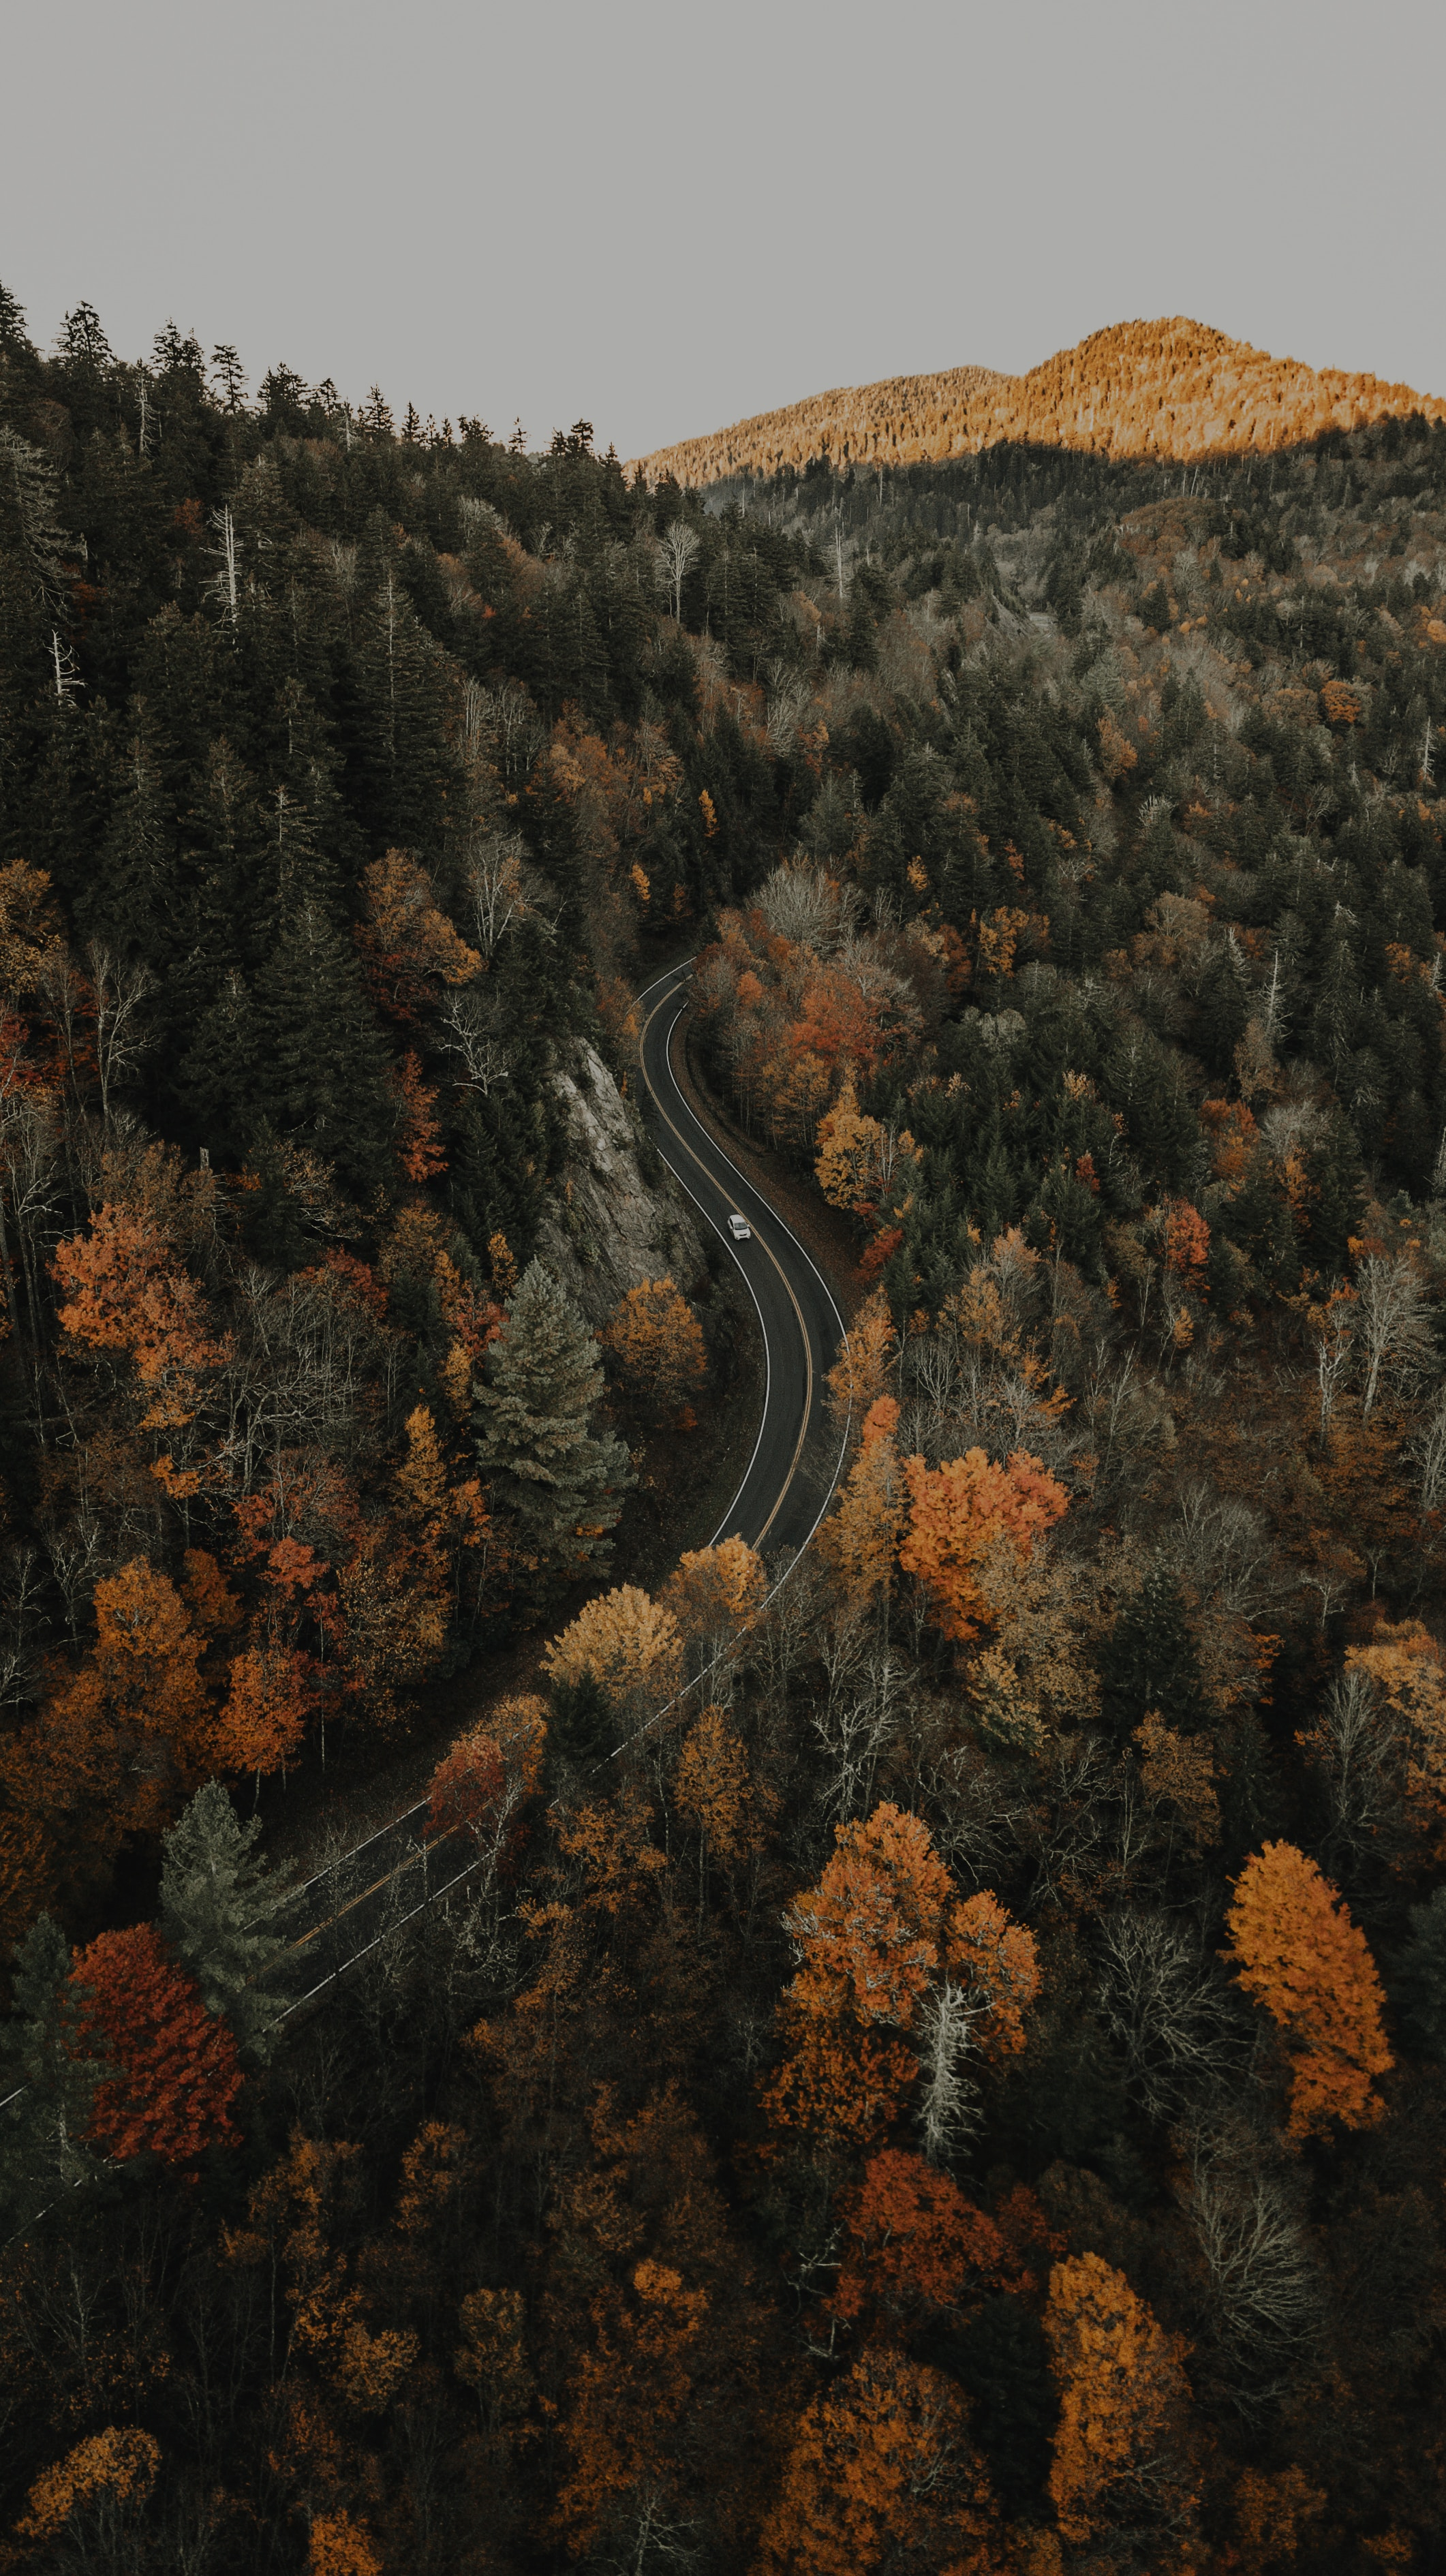 153964 fond d'écran 1080x2400 sur votre téléphone gratuitement, téléchargez des images Nature, Vue D'en-Haut, Vue D'En Haut, Route, Forêt, Aperçu, Révision, Hauteur 1080x2400 sur votre mobile